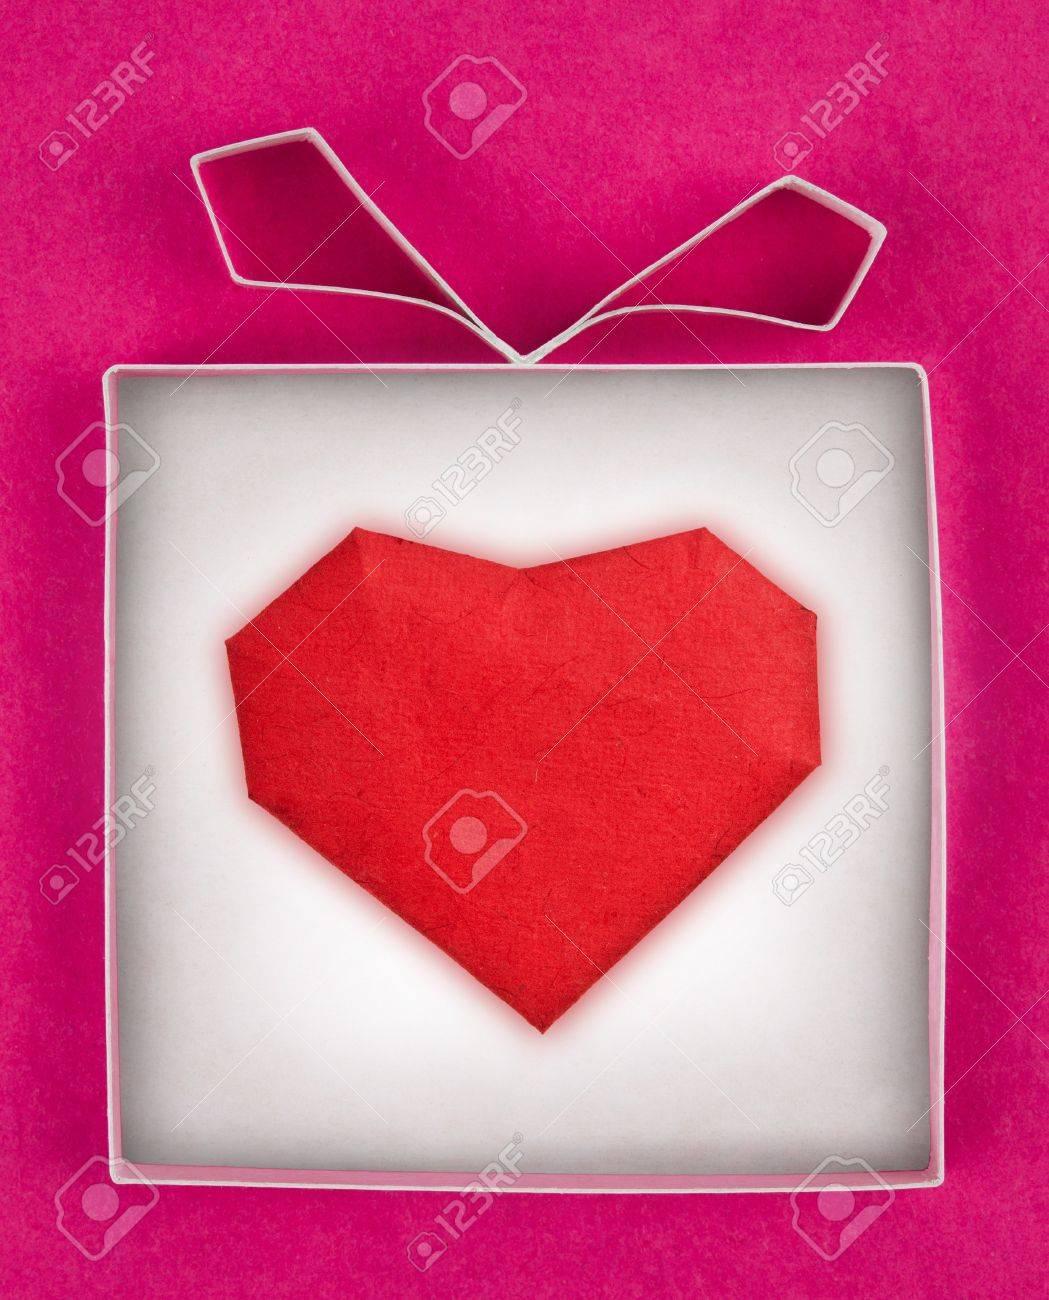 Handgemachte Geschenk-Box Mit Herz Im Inneren, Strukturiertes Papier ...